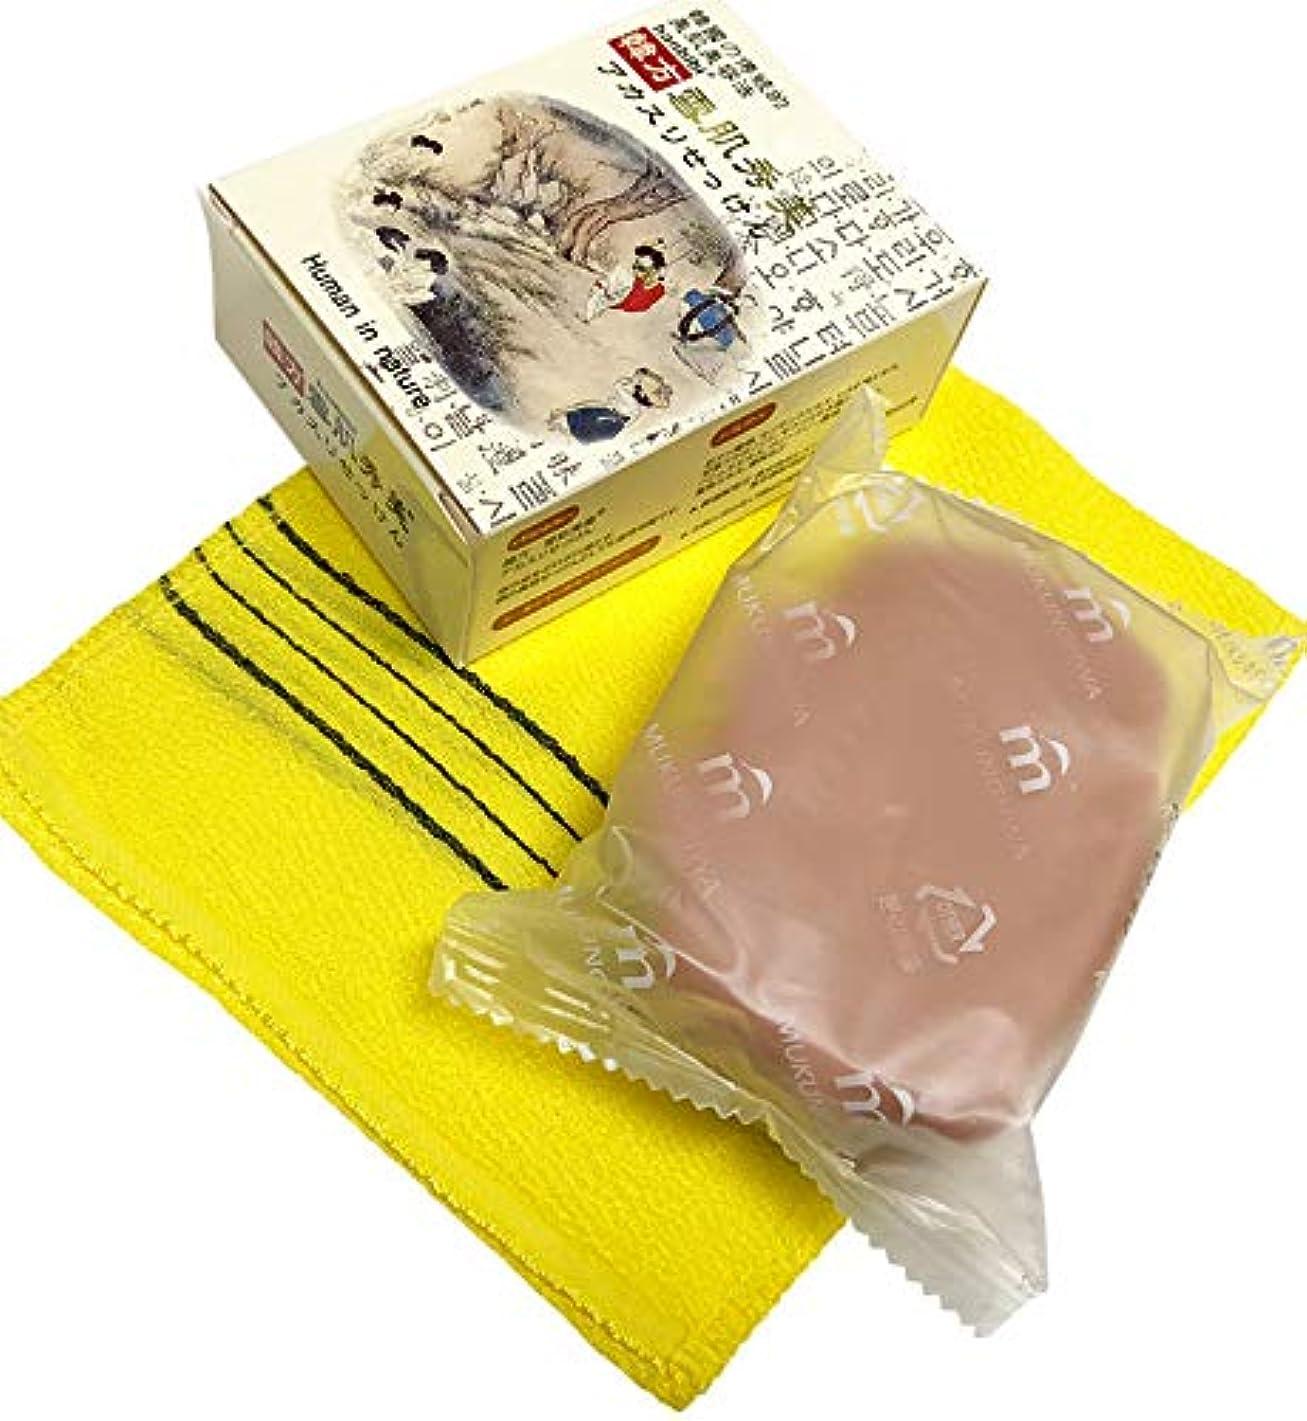 去る中毒何十人も人気の顔、体兼用、蜂蜜香りの韓方石ケン、韓国コスメ 韓方[雪肌美]蜂蜜アカスリせっけん アカスリ専用タオル付き